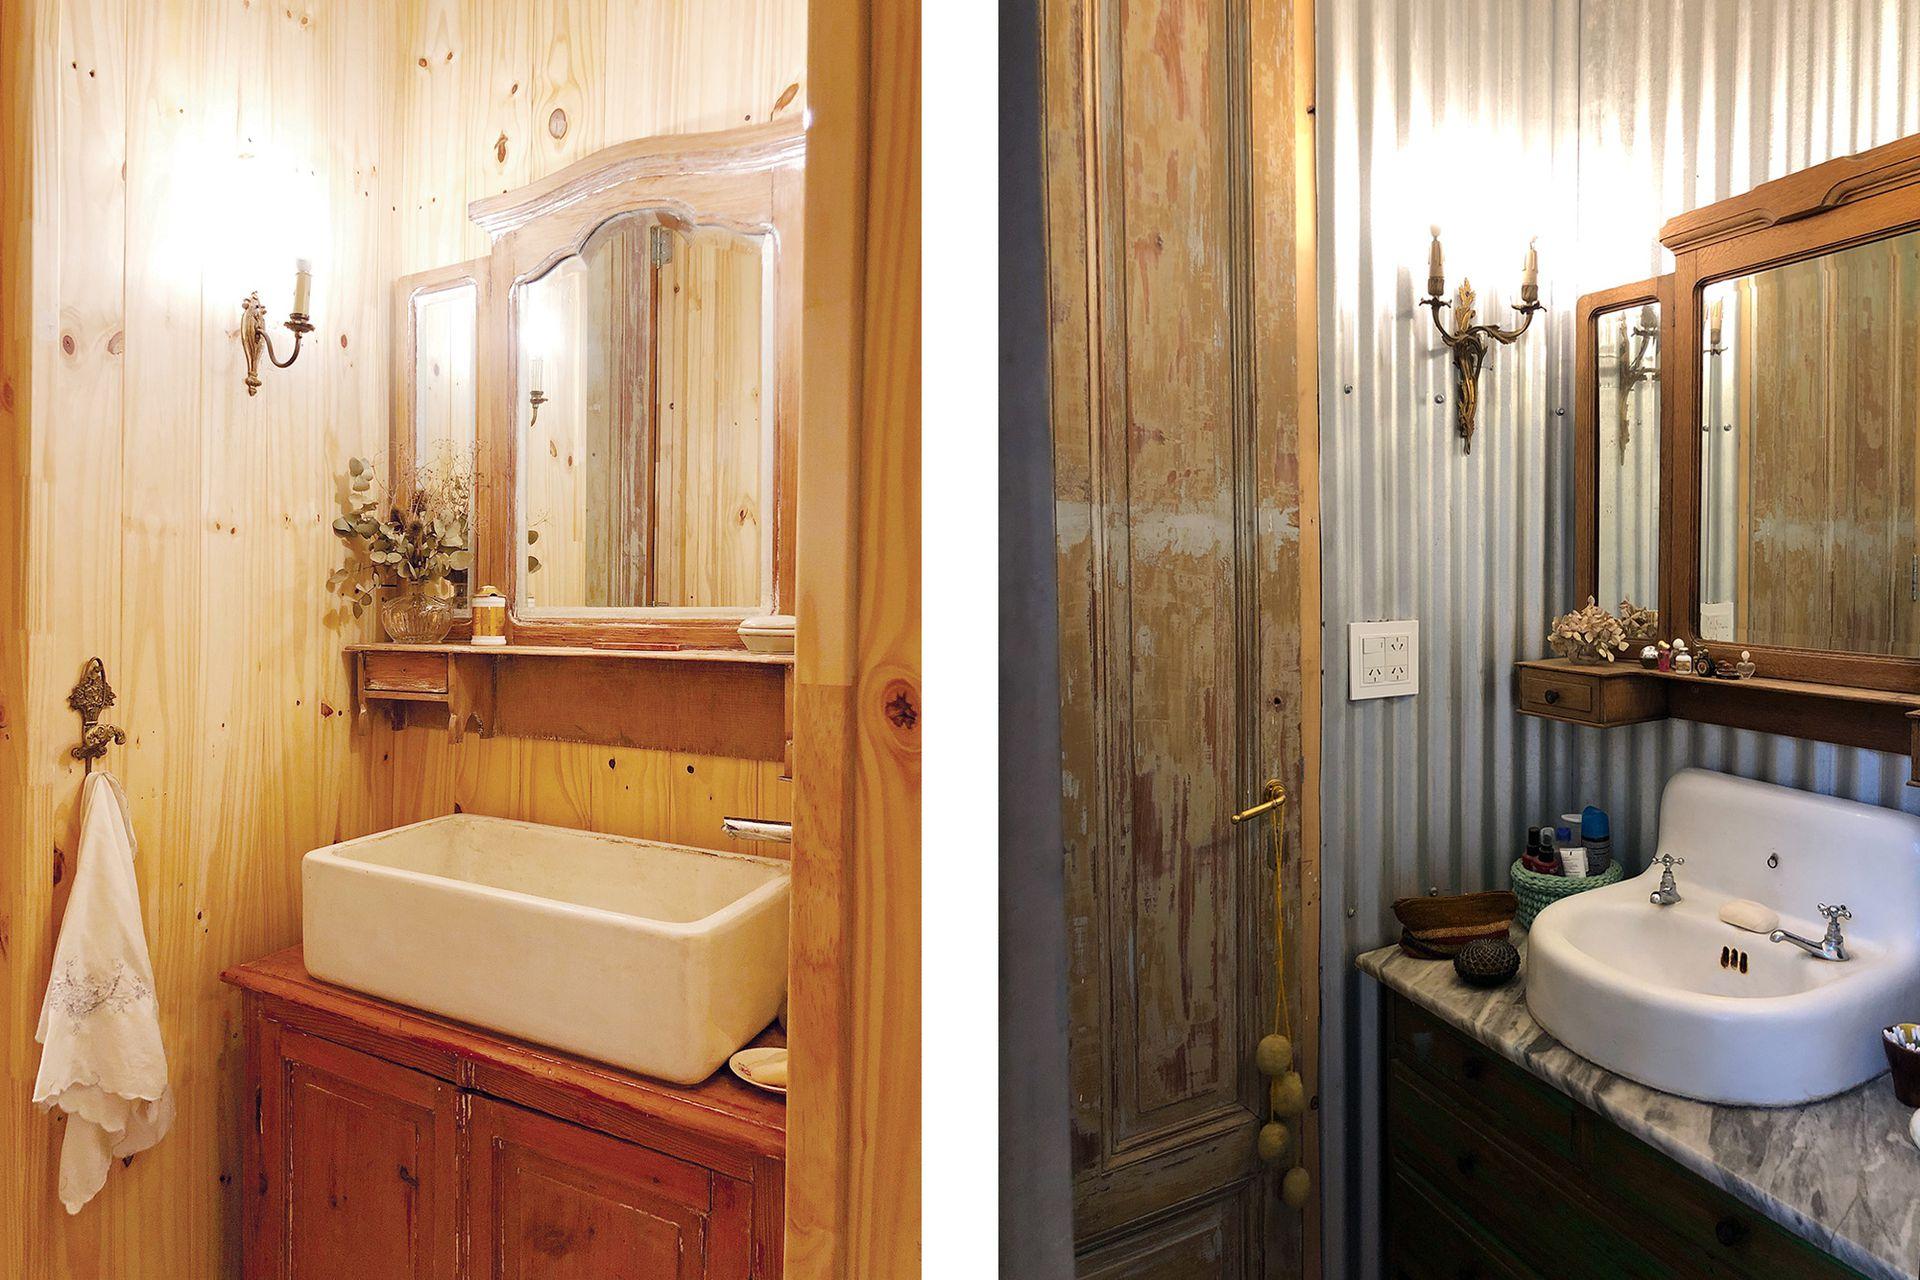 Uno revestido en madera; otro en chapa. Los dos de igual estilo campero y vintage.